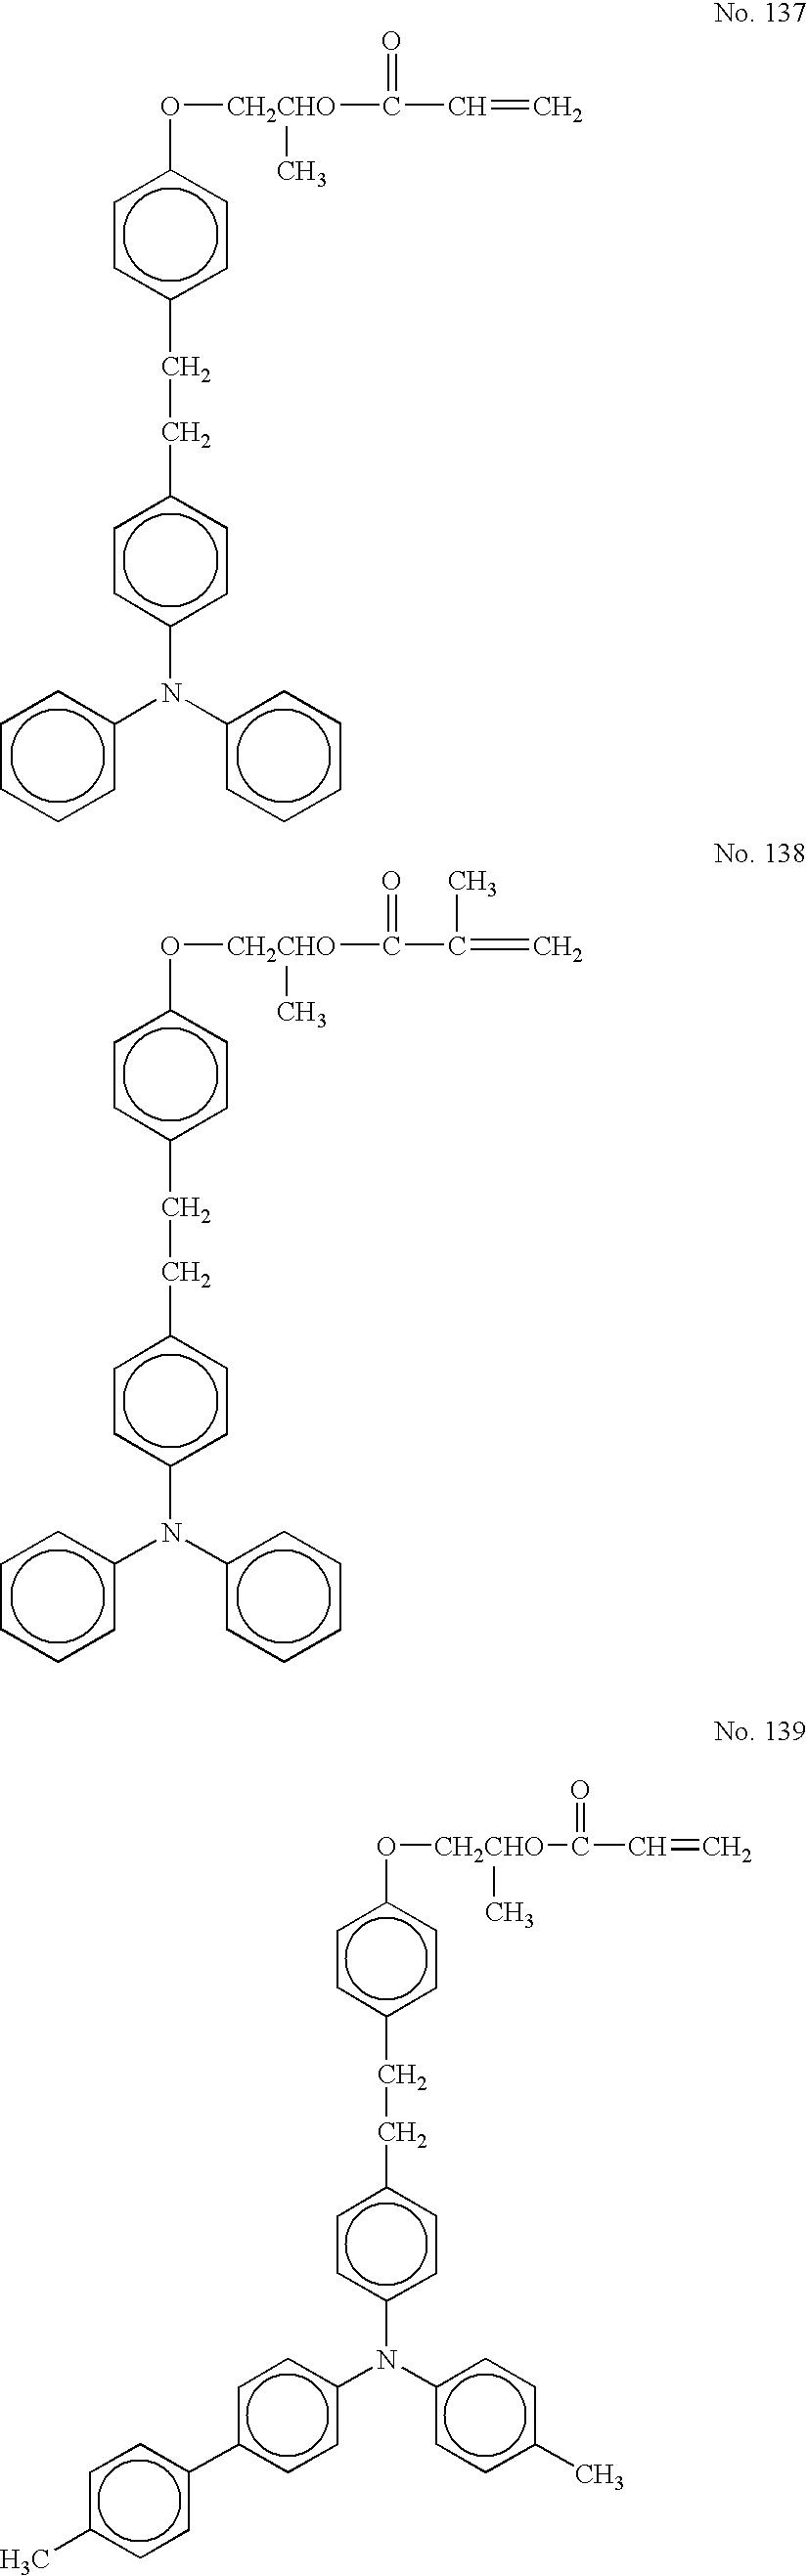 Figure US20070059619A1-20070315-C00045